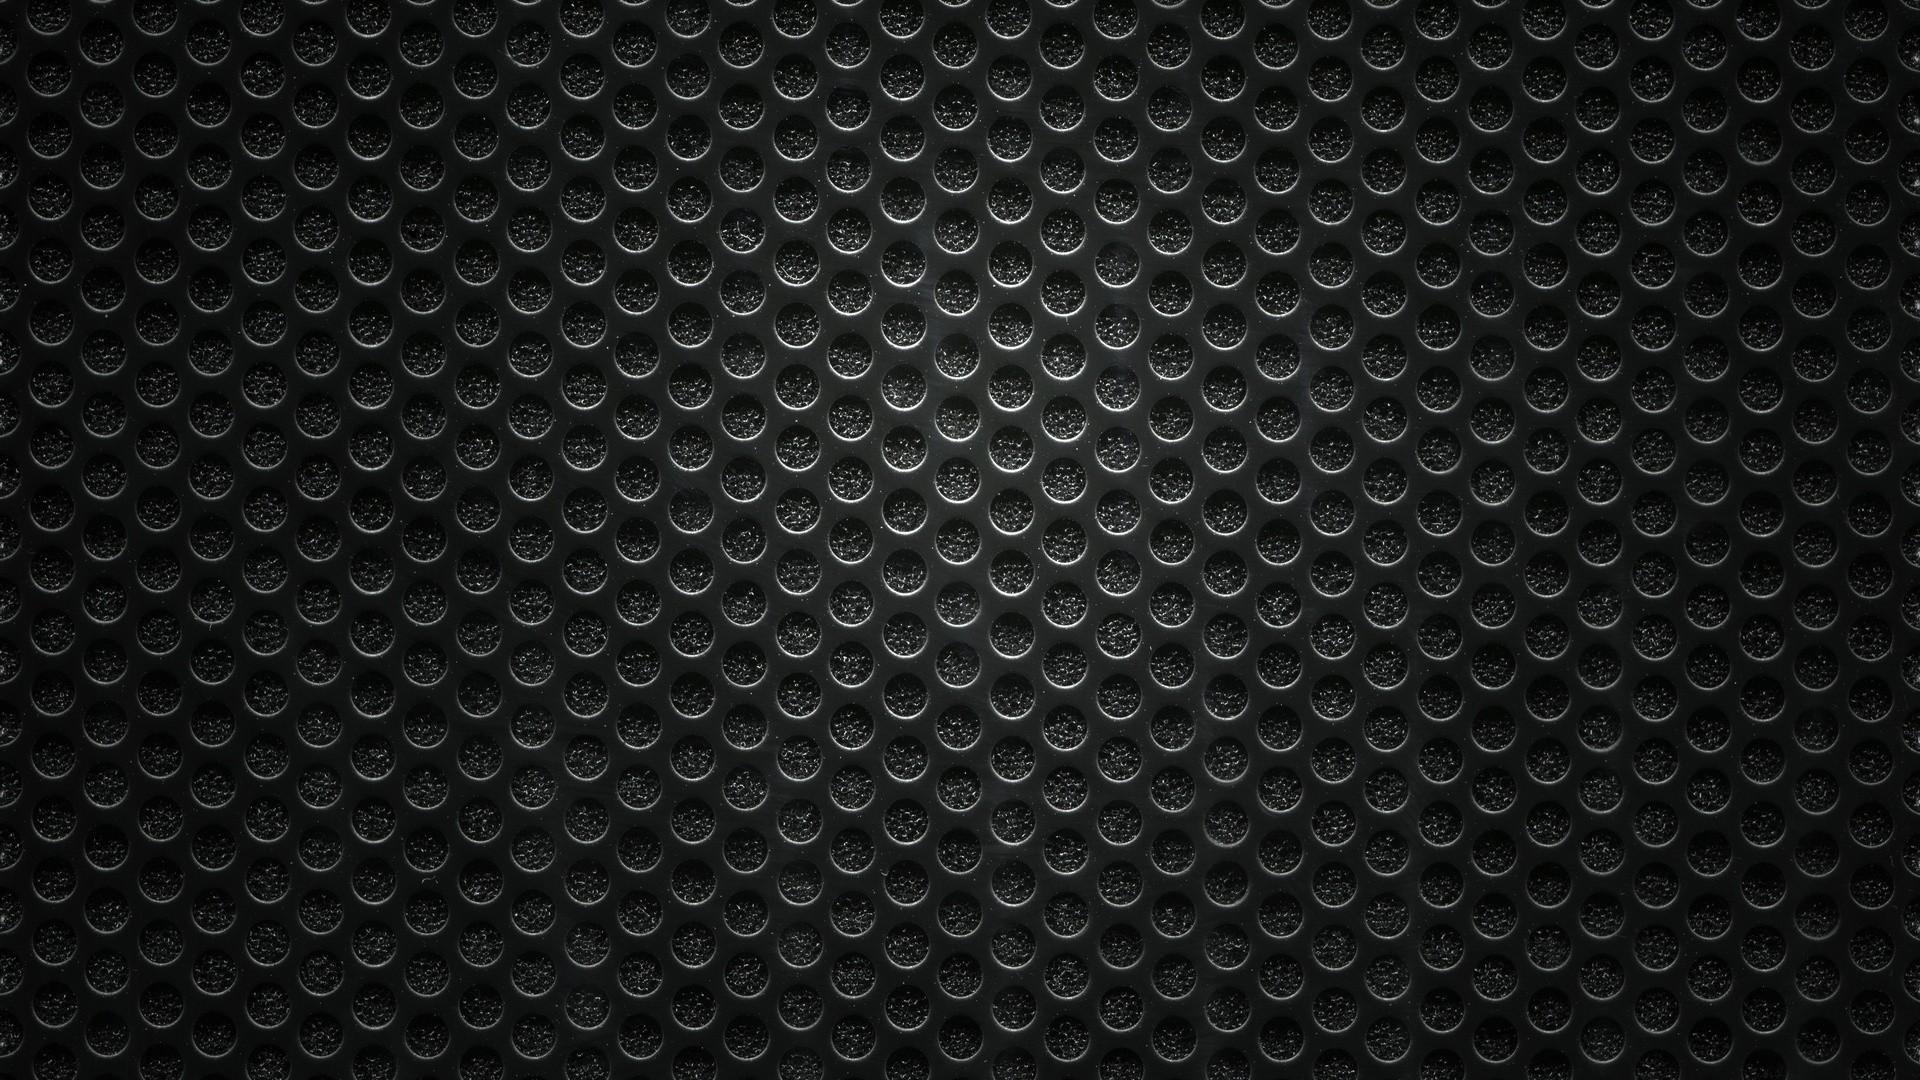 Carbon Fiber free hd wallpaper